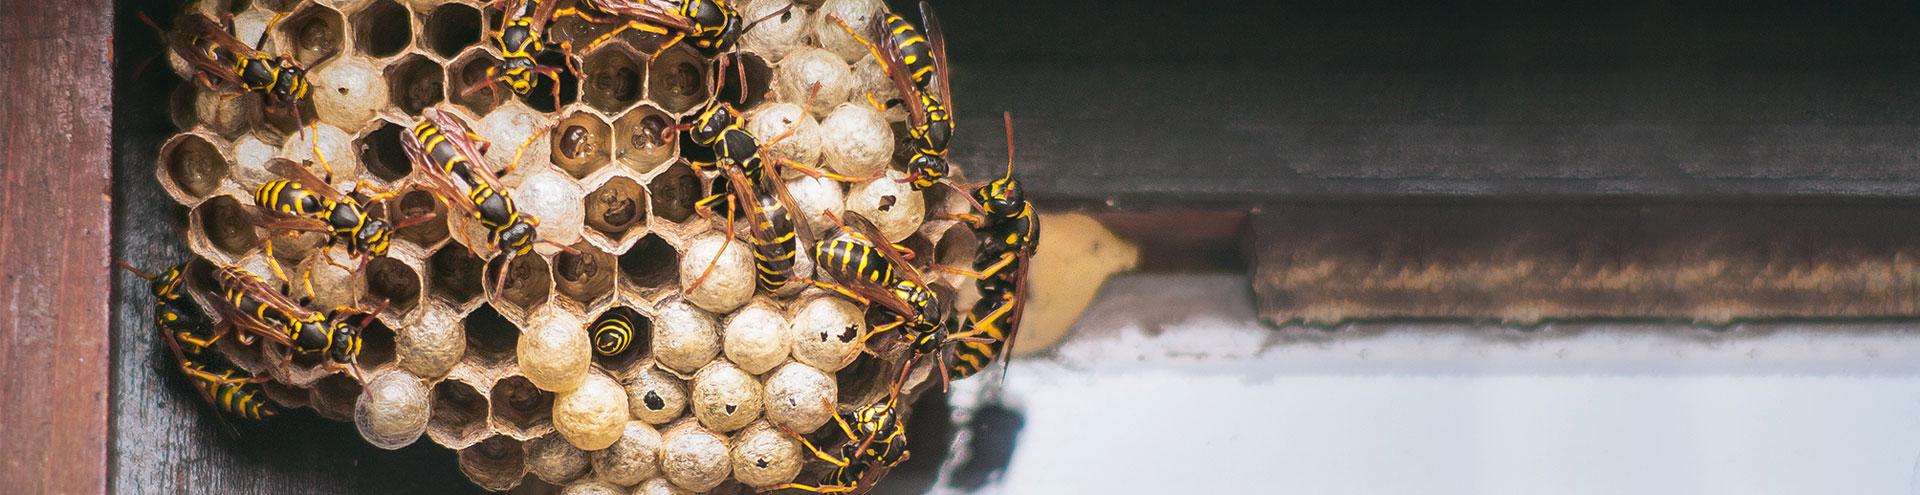 pests-wasps-nest-building